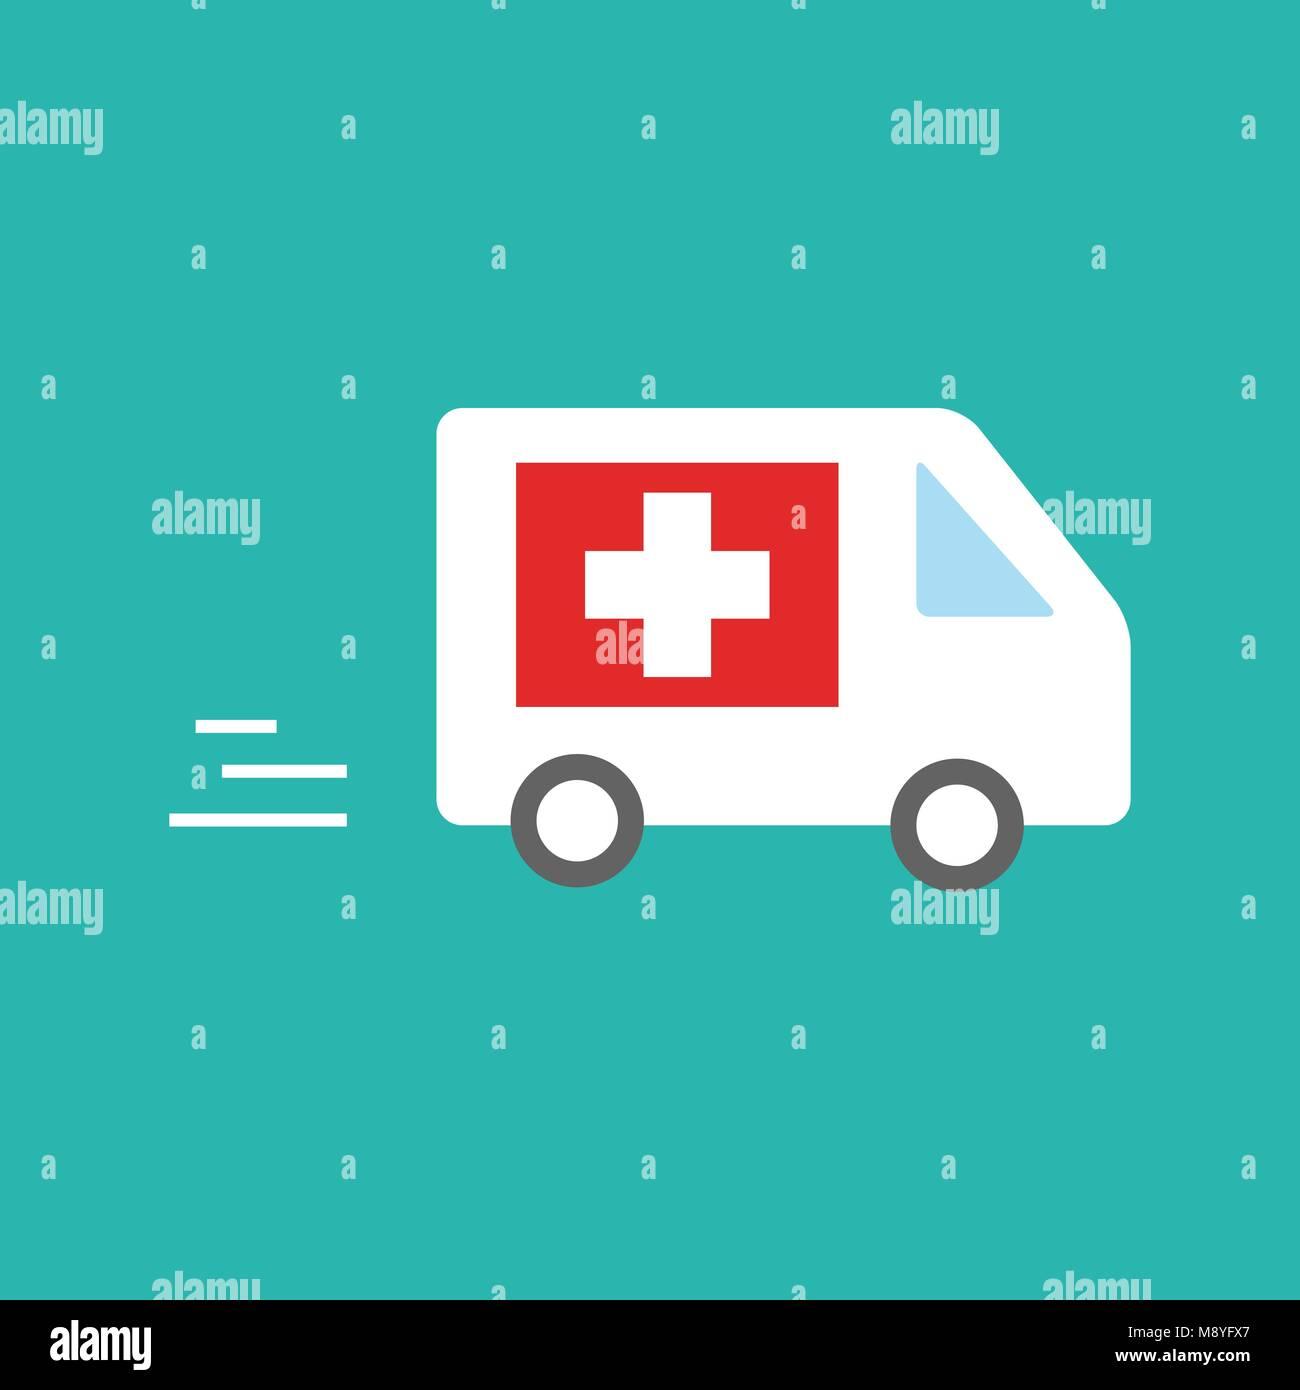 ambulance car - emergency sign - medical illustration - Stock Image